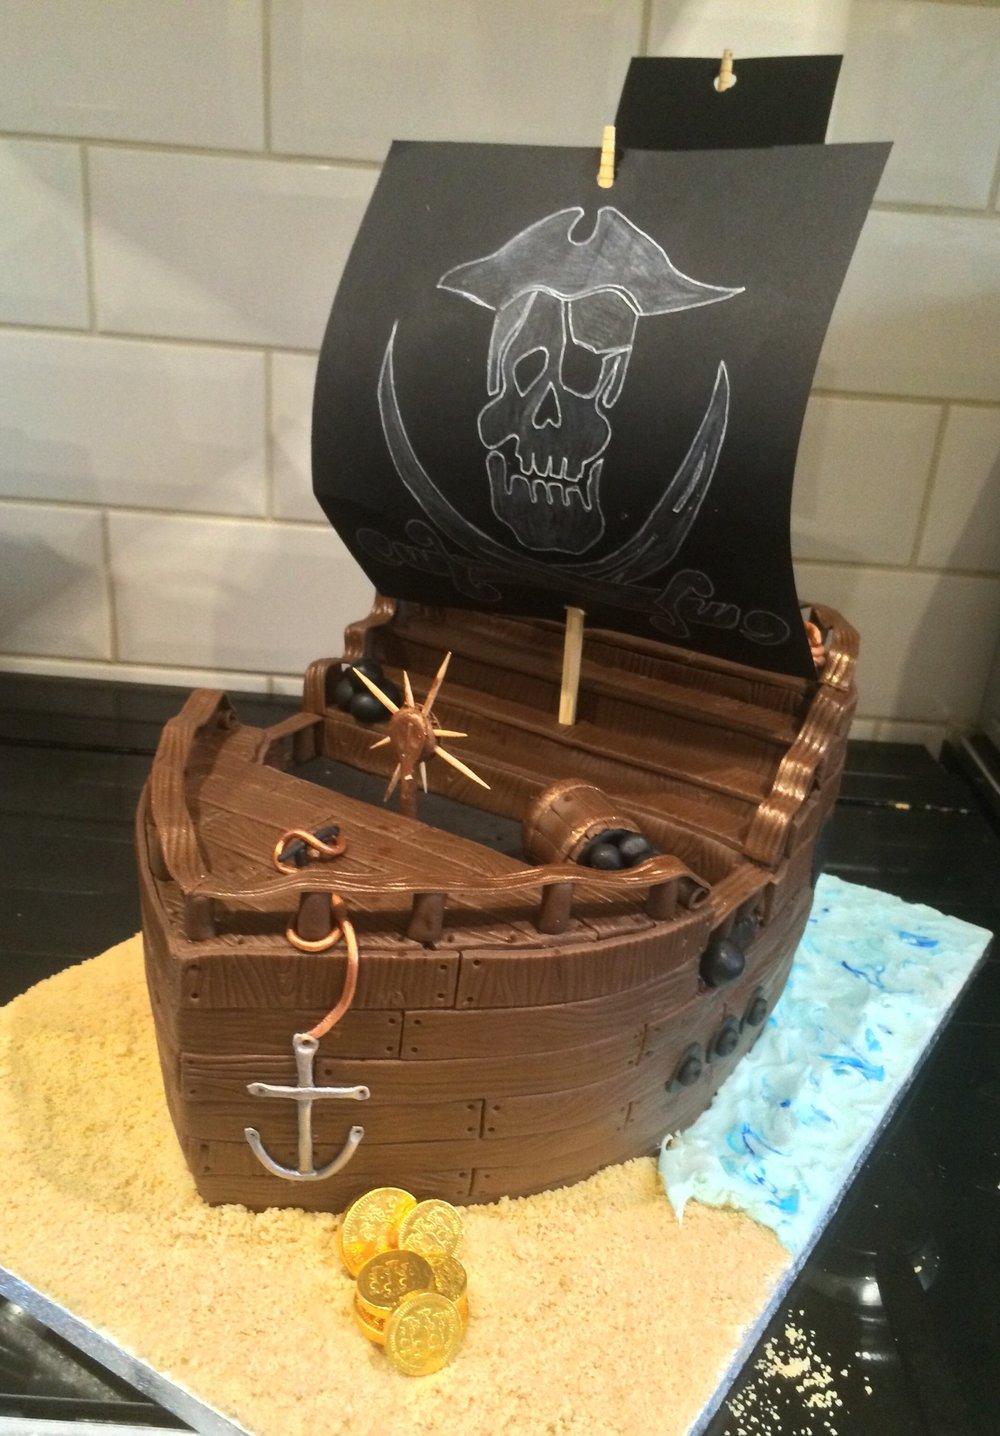 A Chocolate Pirate Ship Cake, Argghh!